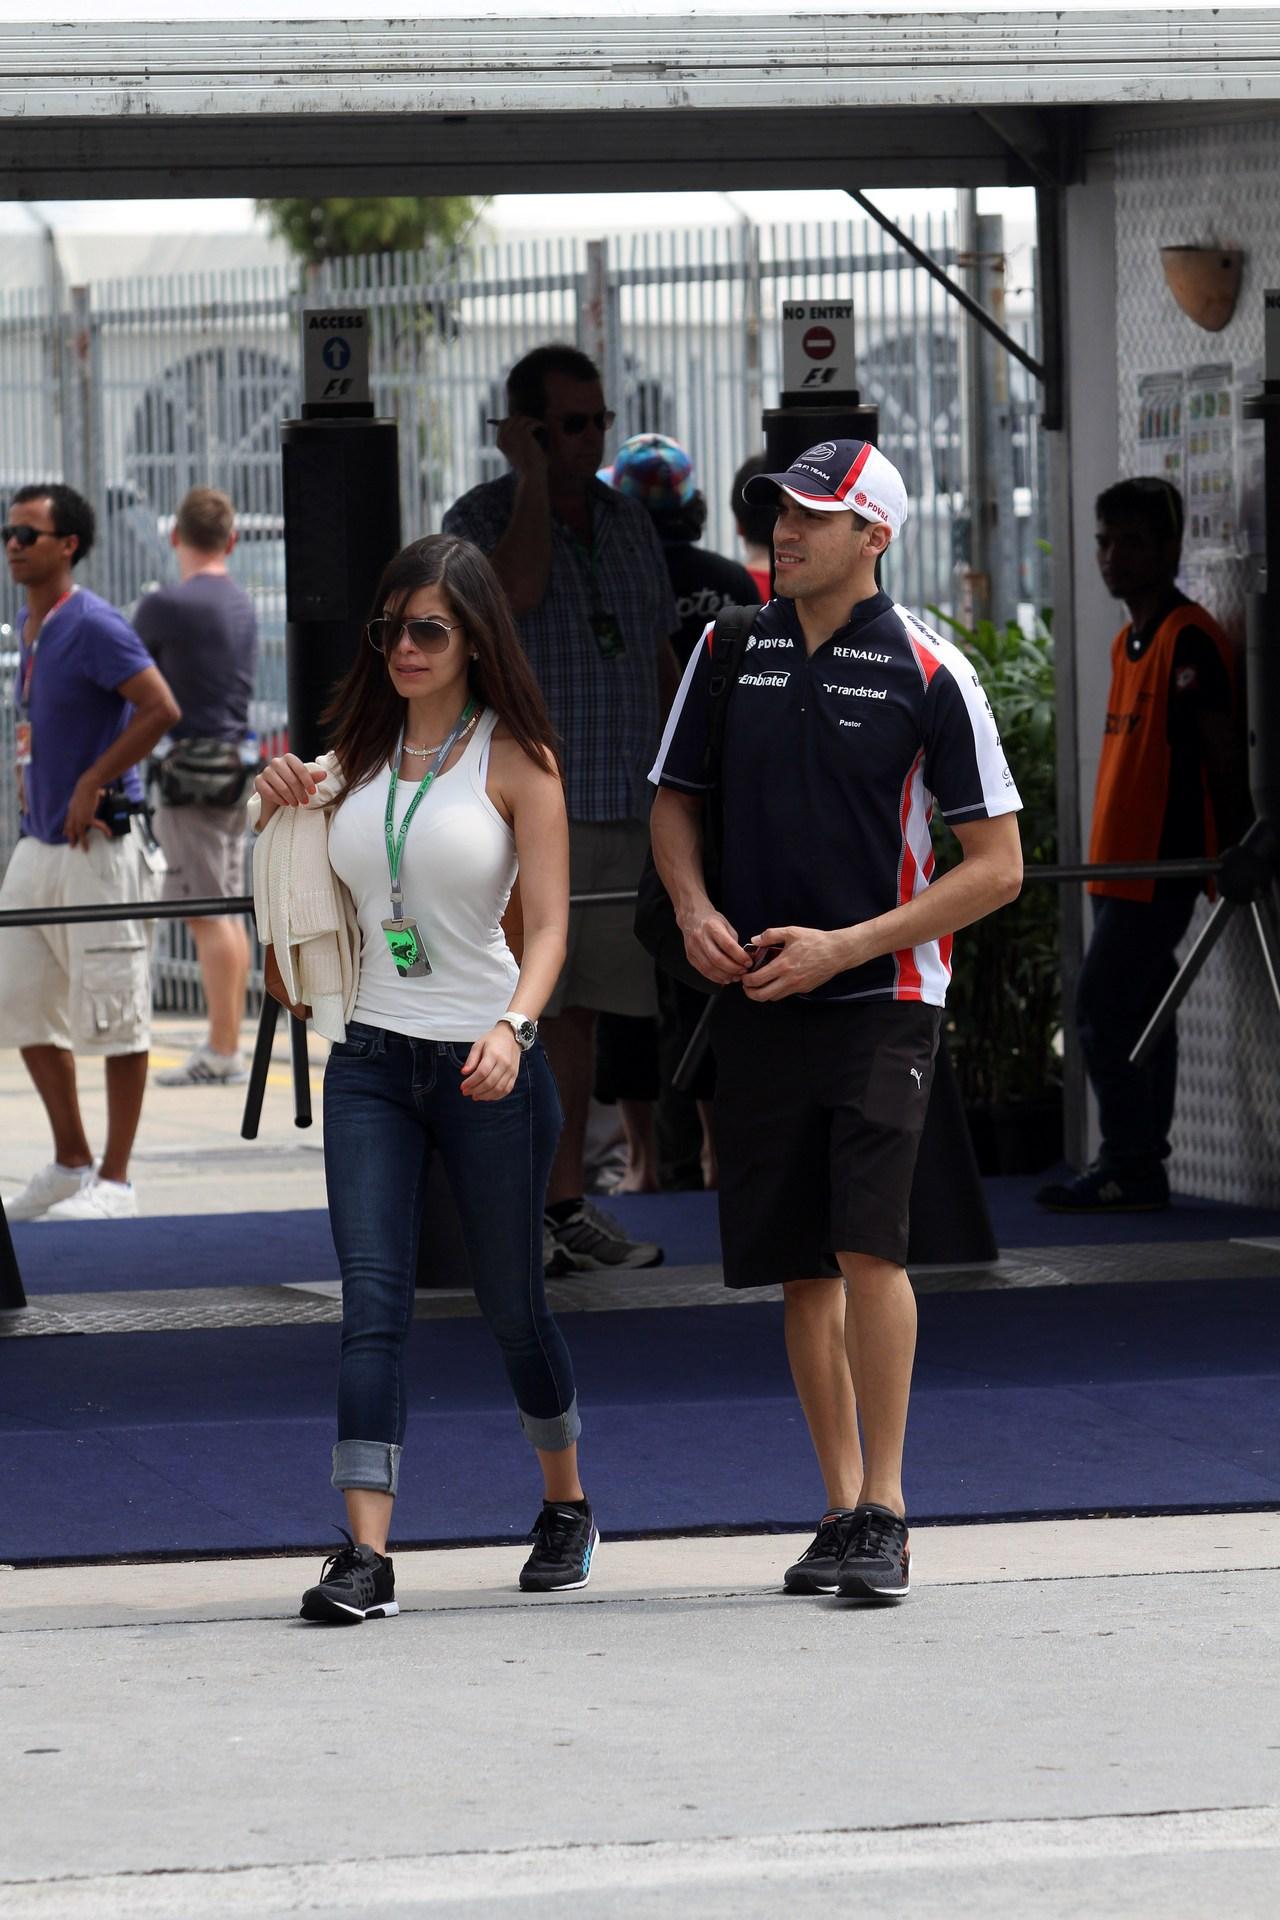 22.03.2012- Pastor Maldonado (VEN) Williams F1 Team FW34 and his girlfriend